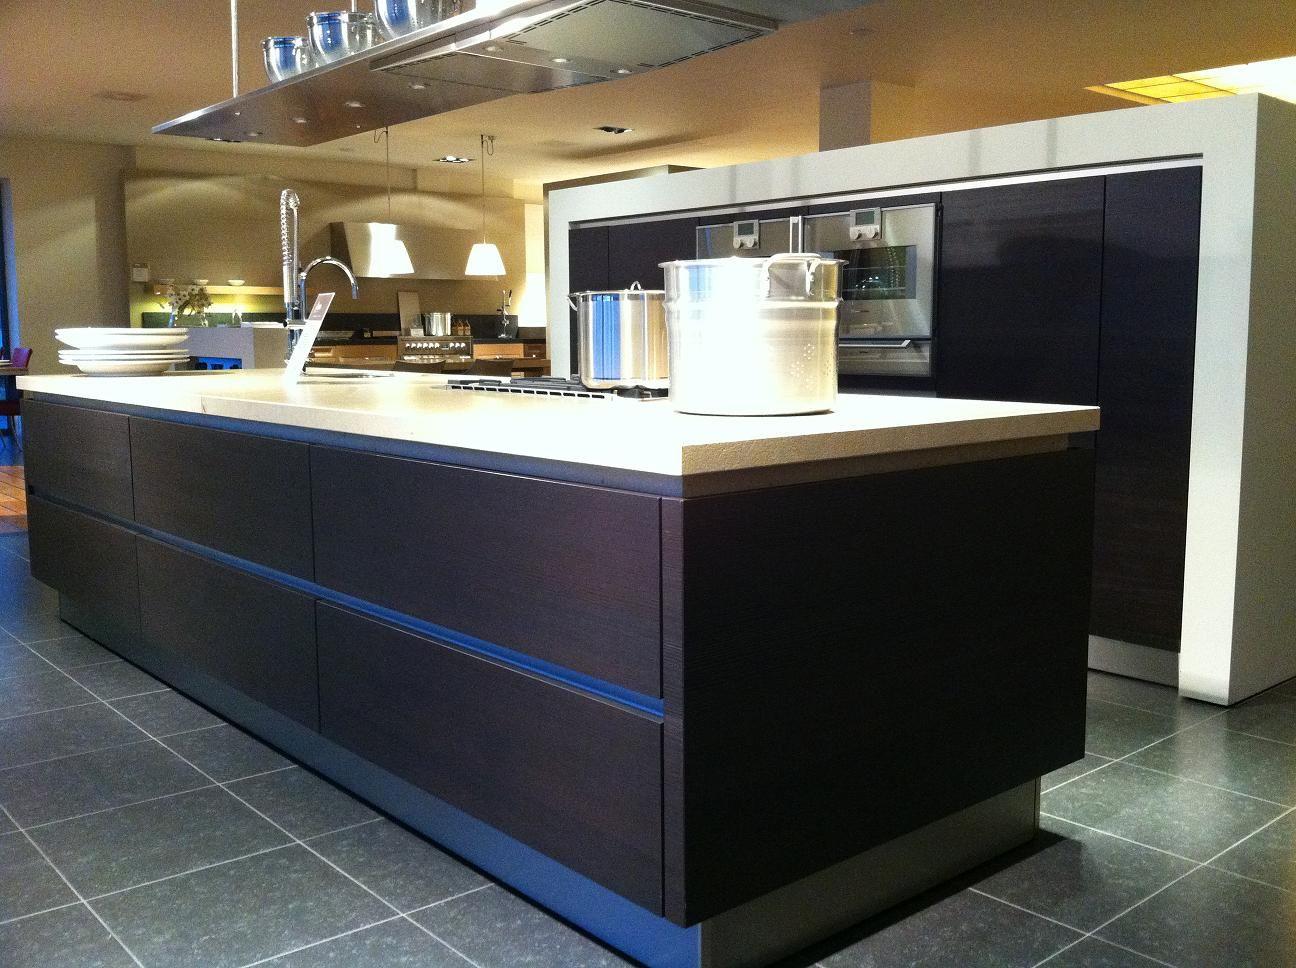 Siematic Keuken Accessoires : keuken met greeplijsten voor een moderne en praktische keuken